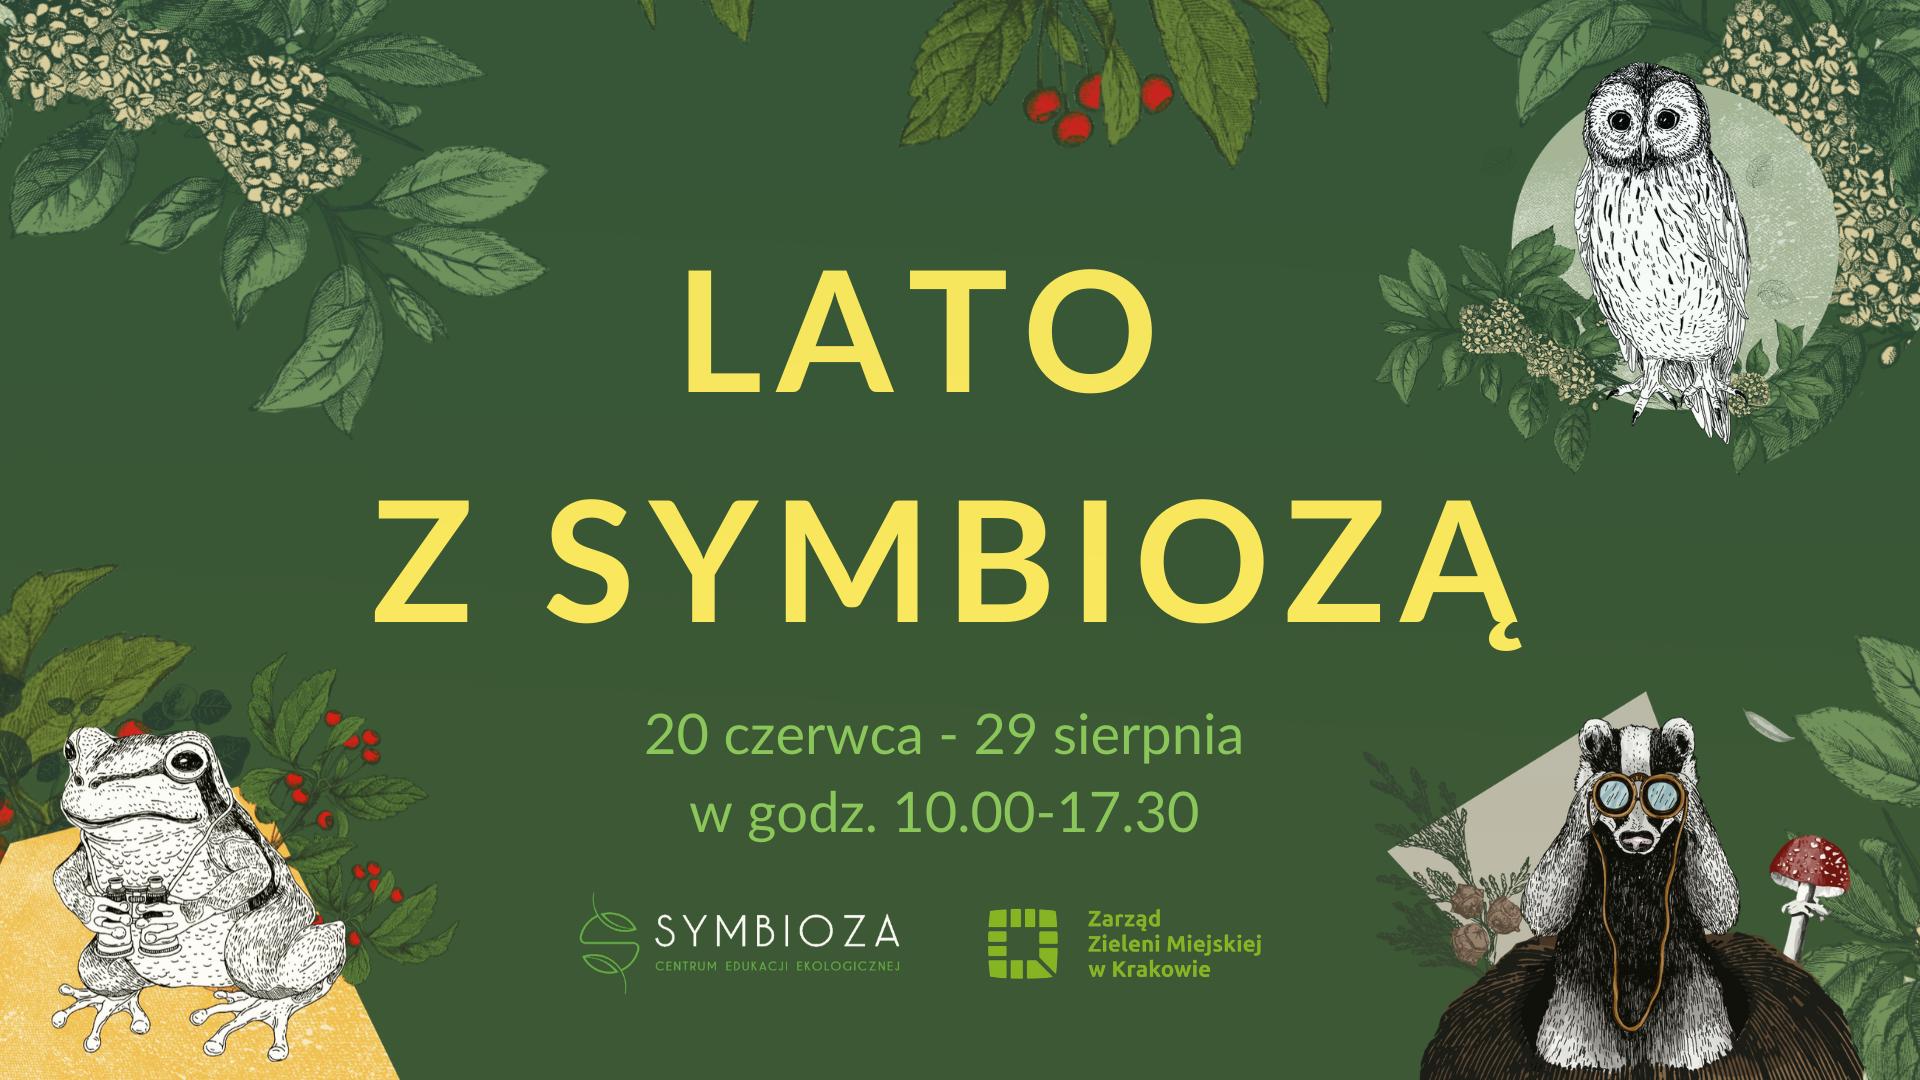 Zielony baner przedstawiający akcję Lato z Symbiozą - w tle rzekotka, puszczyk i borsuk